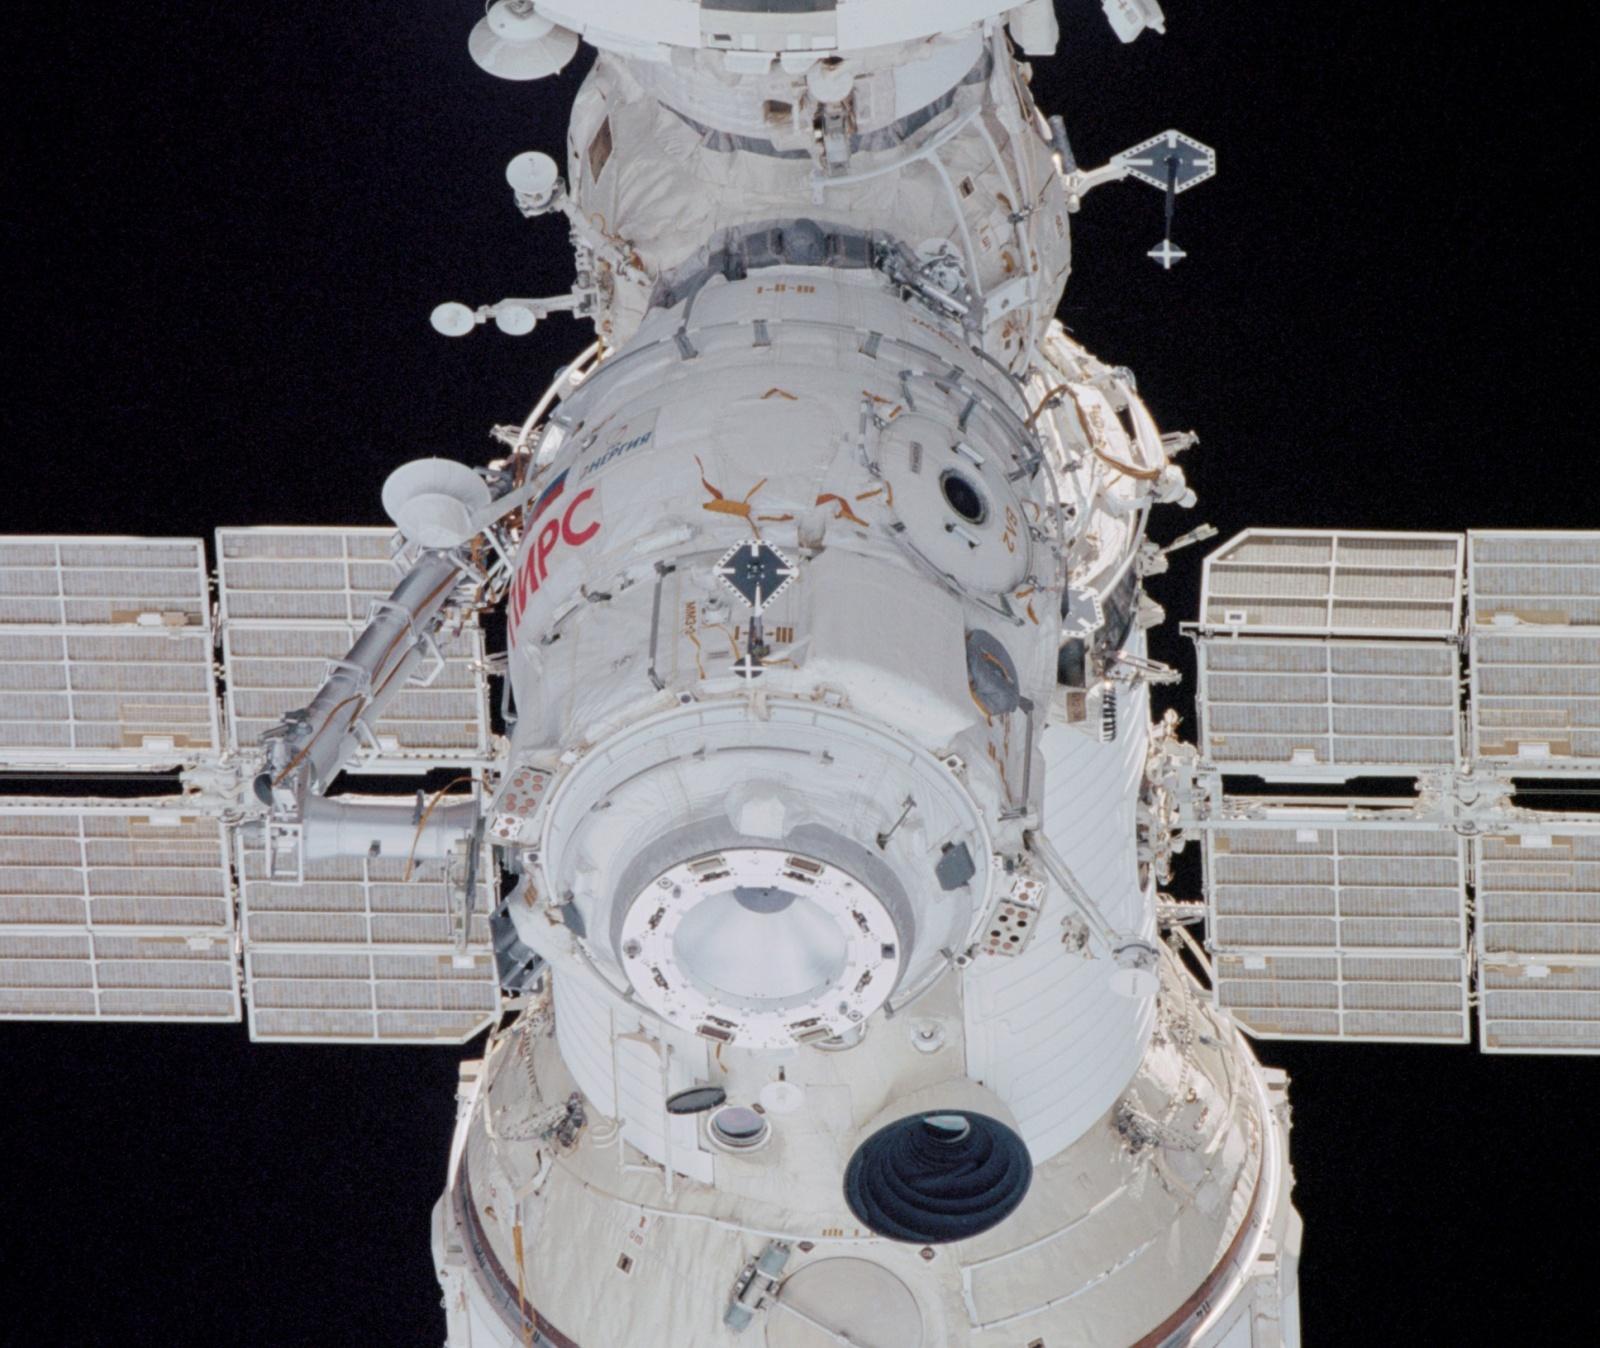 «Роскосмосу» доверили строительство шлюзового модуля на Международной лунной орбитальной станции - 2